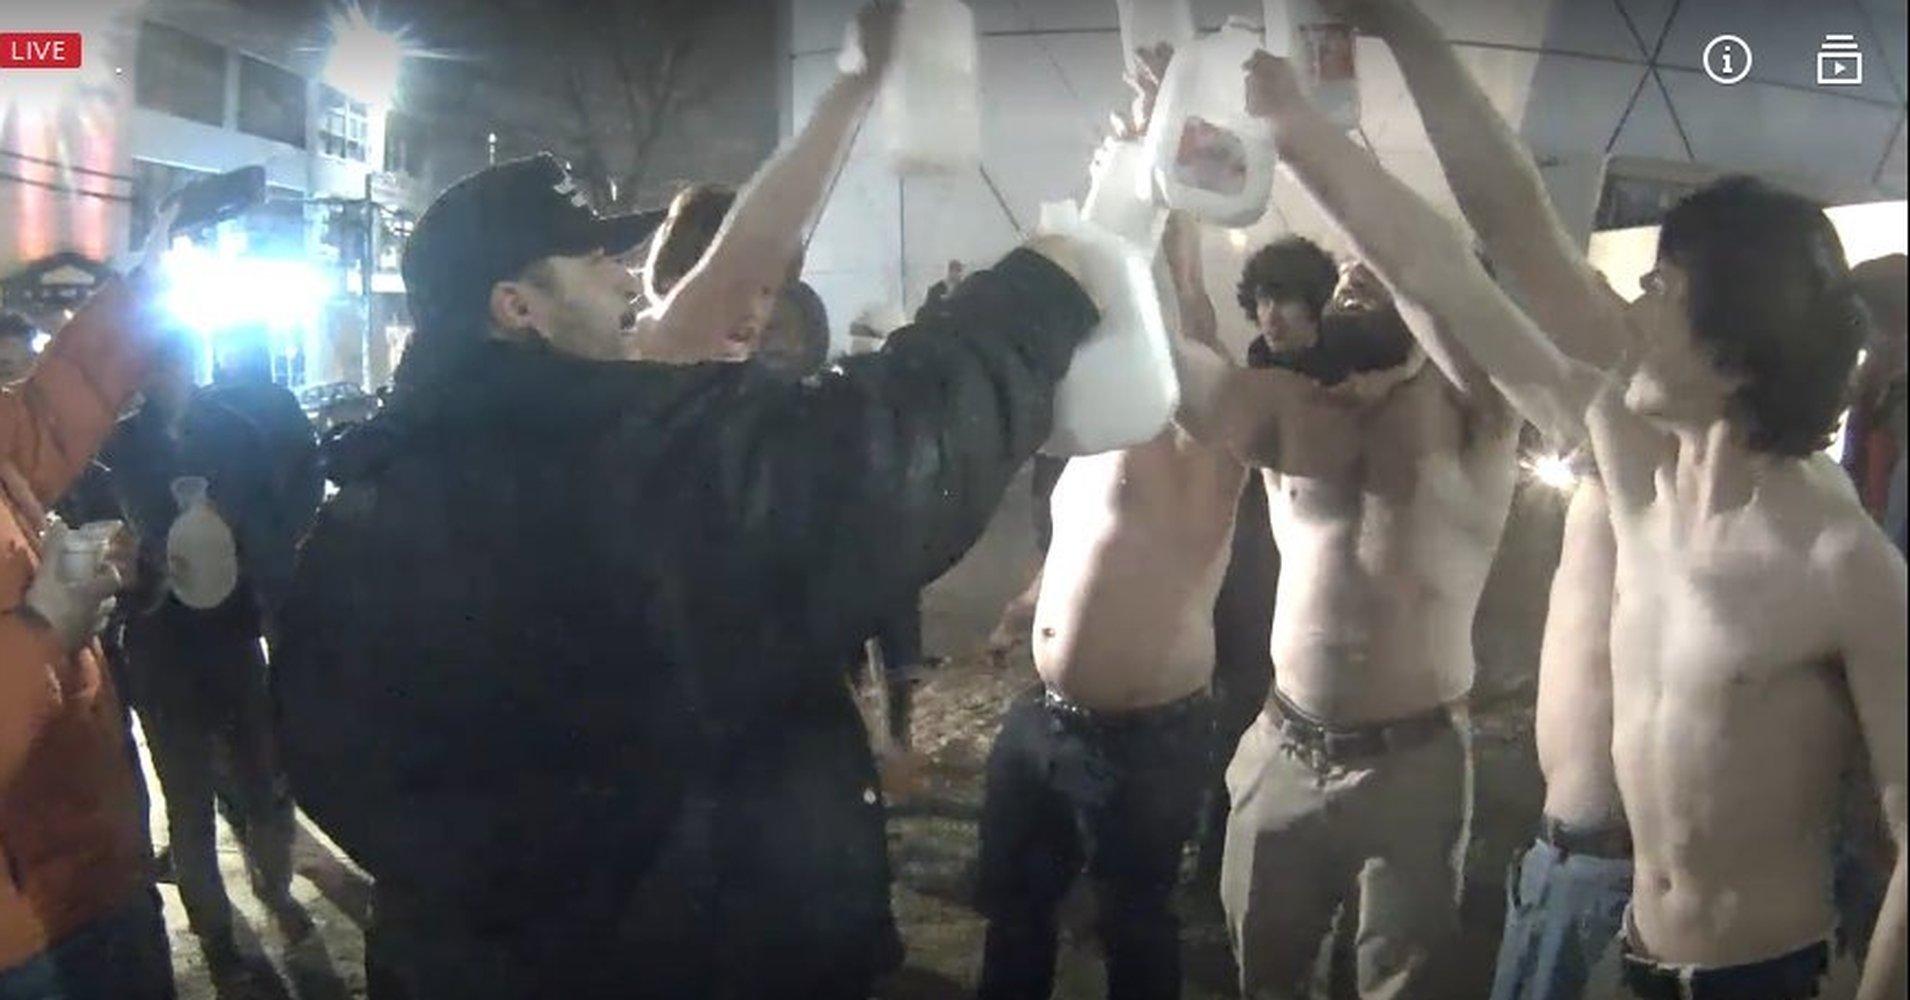 молоко - это расизм приходить на работу пьяным понедельник начинается с дичи отвратительные мужики disgusting men